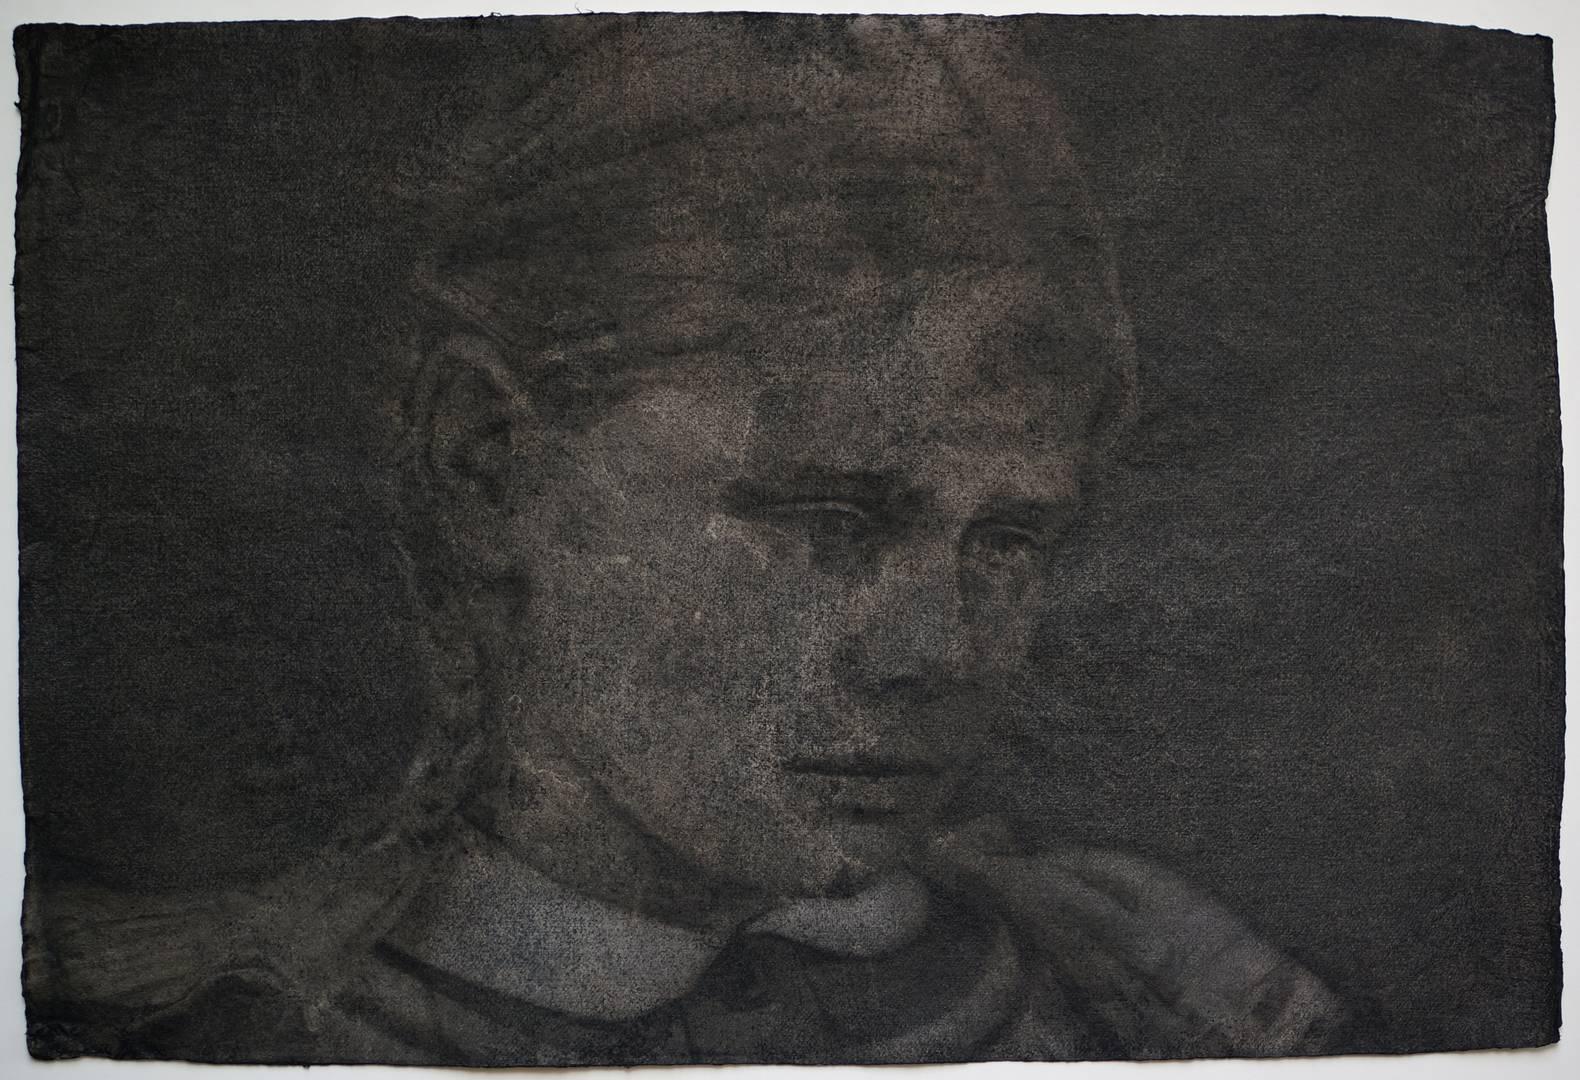 'Fanny', 70x100 cm., Kağıt üzerine yağlıboya, 2013